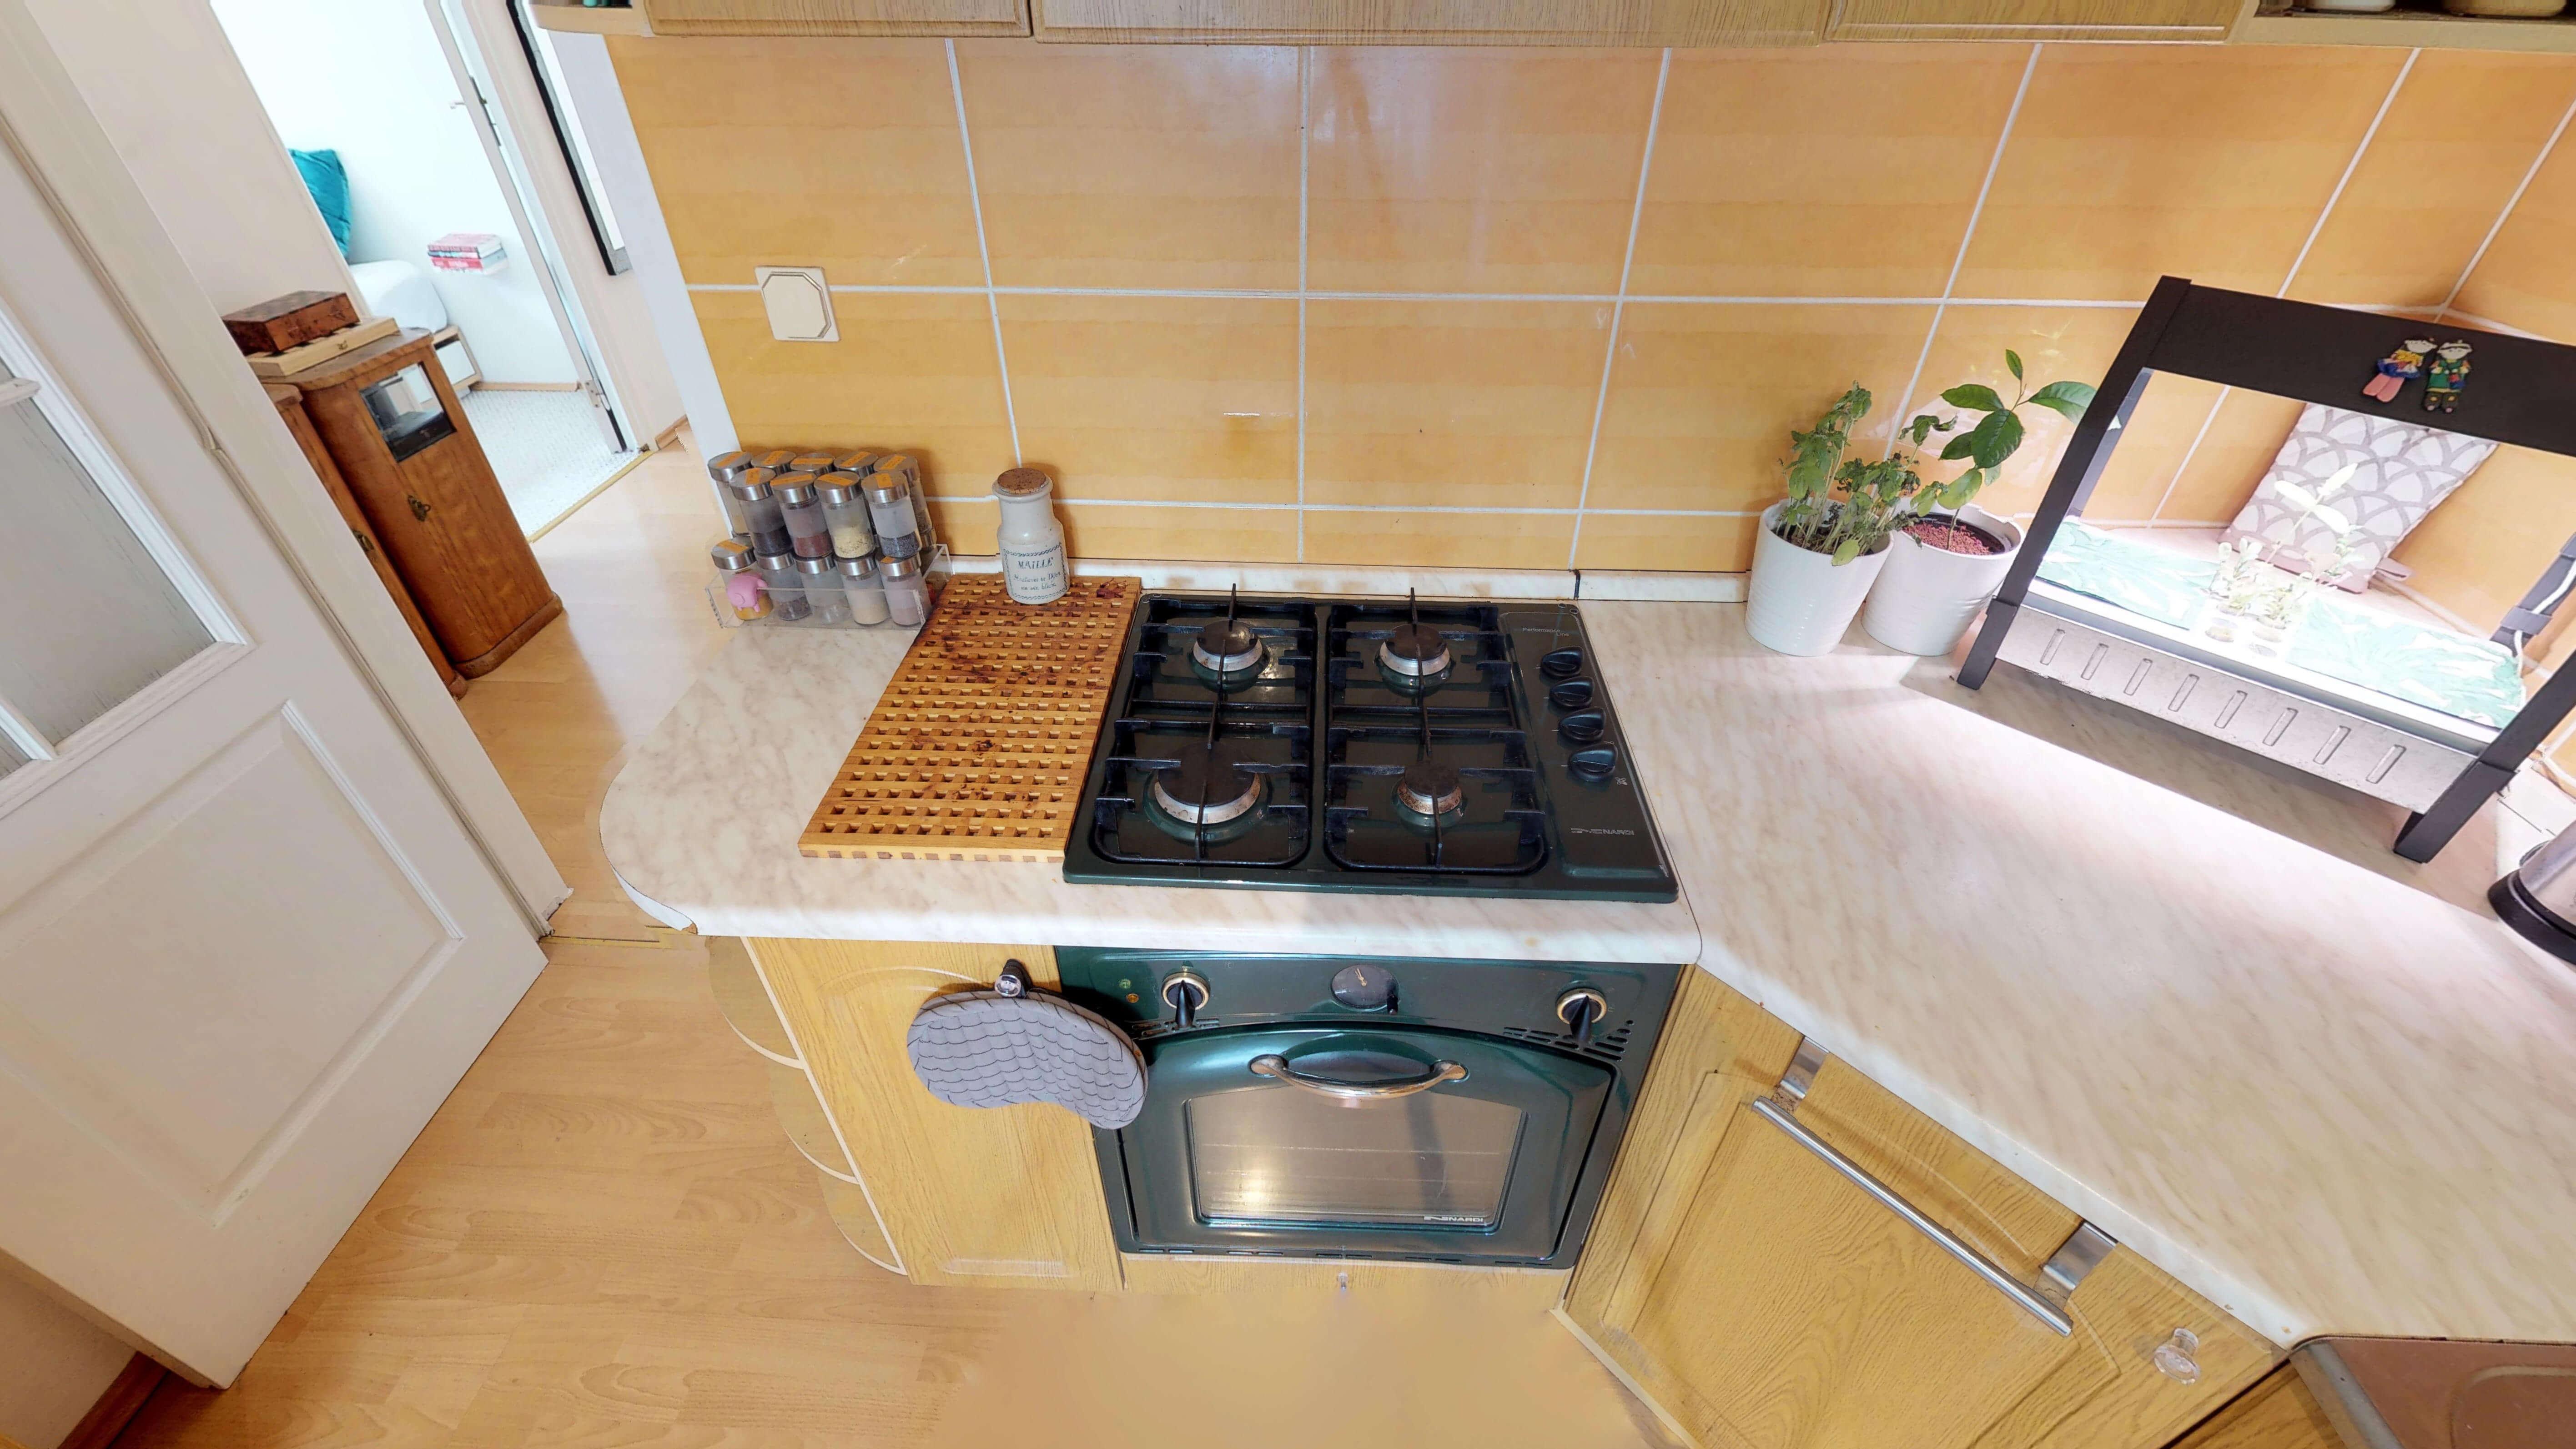 Predané Predaj exkluzívneho 3 izb. bytu,v Ružinove, ulica Palkovičová, blízko Trhoviska Miletičky v Bratislave, 68m2, kompletne zariadený-23